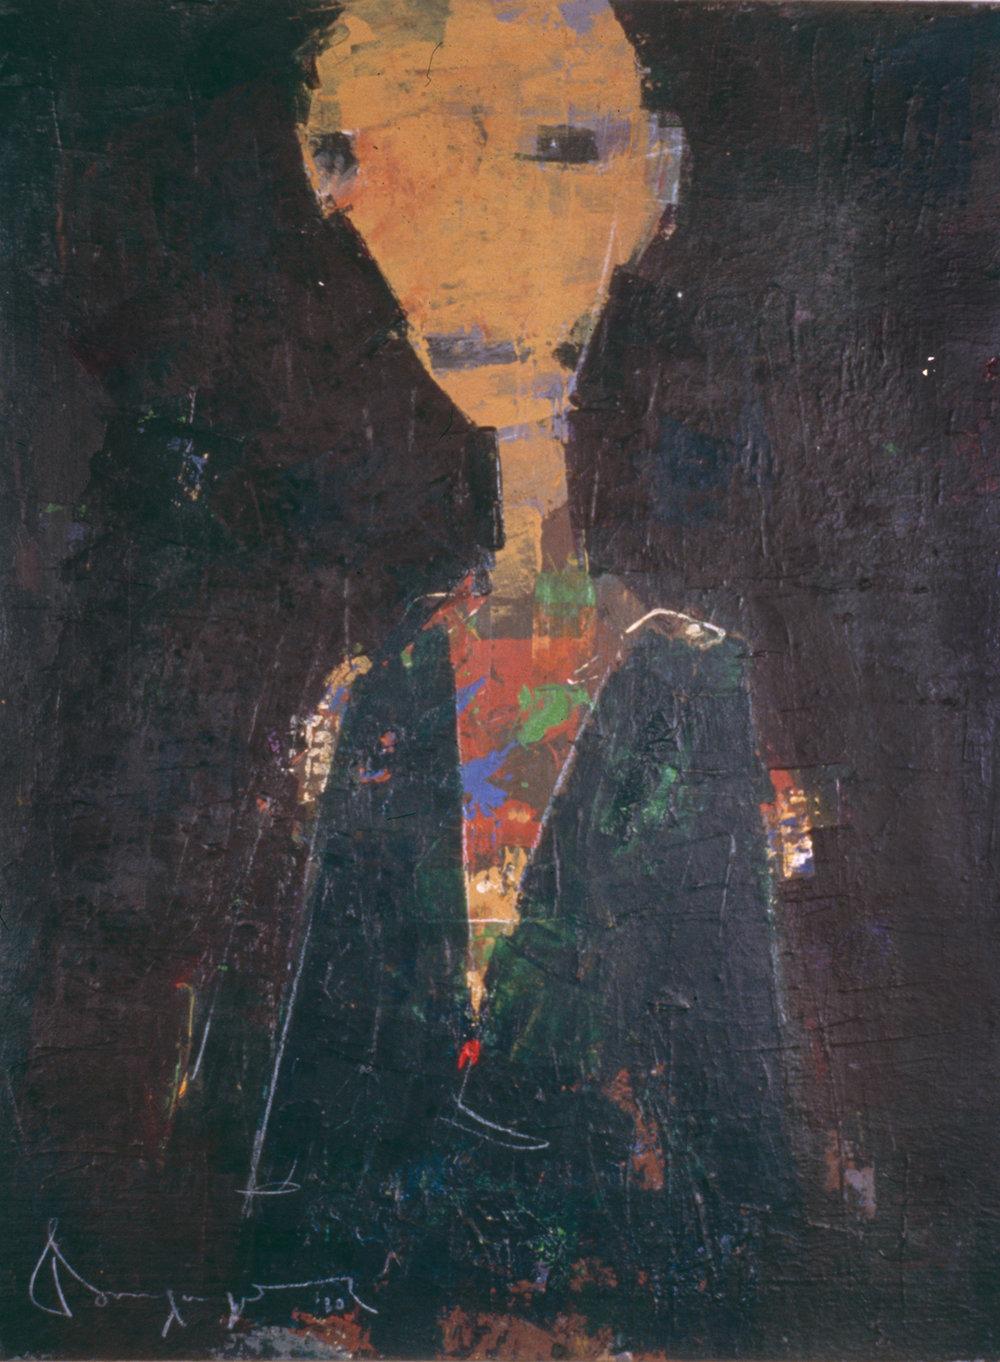 pb19810.jpg